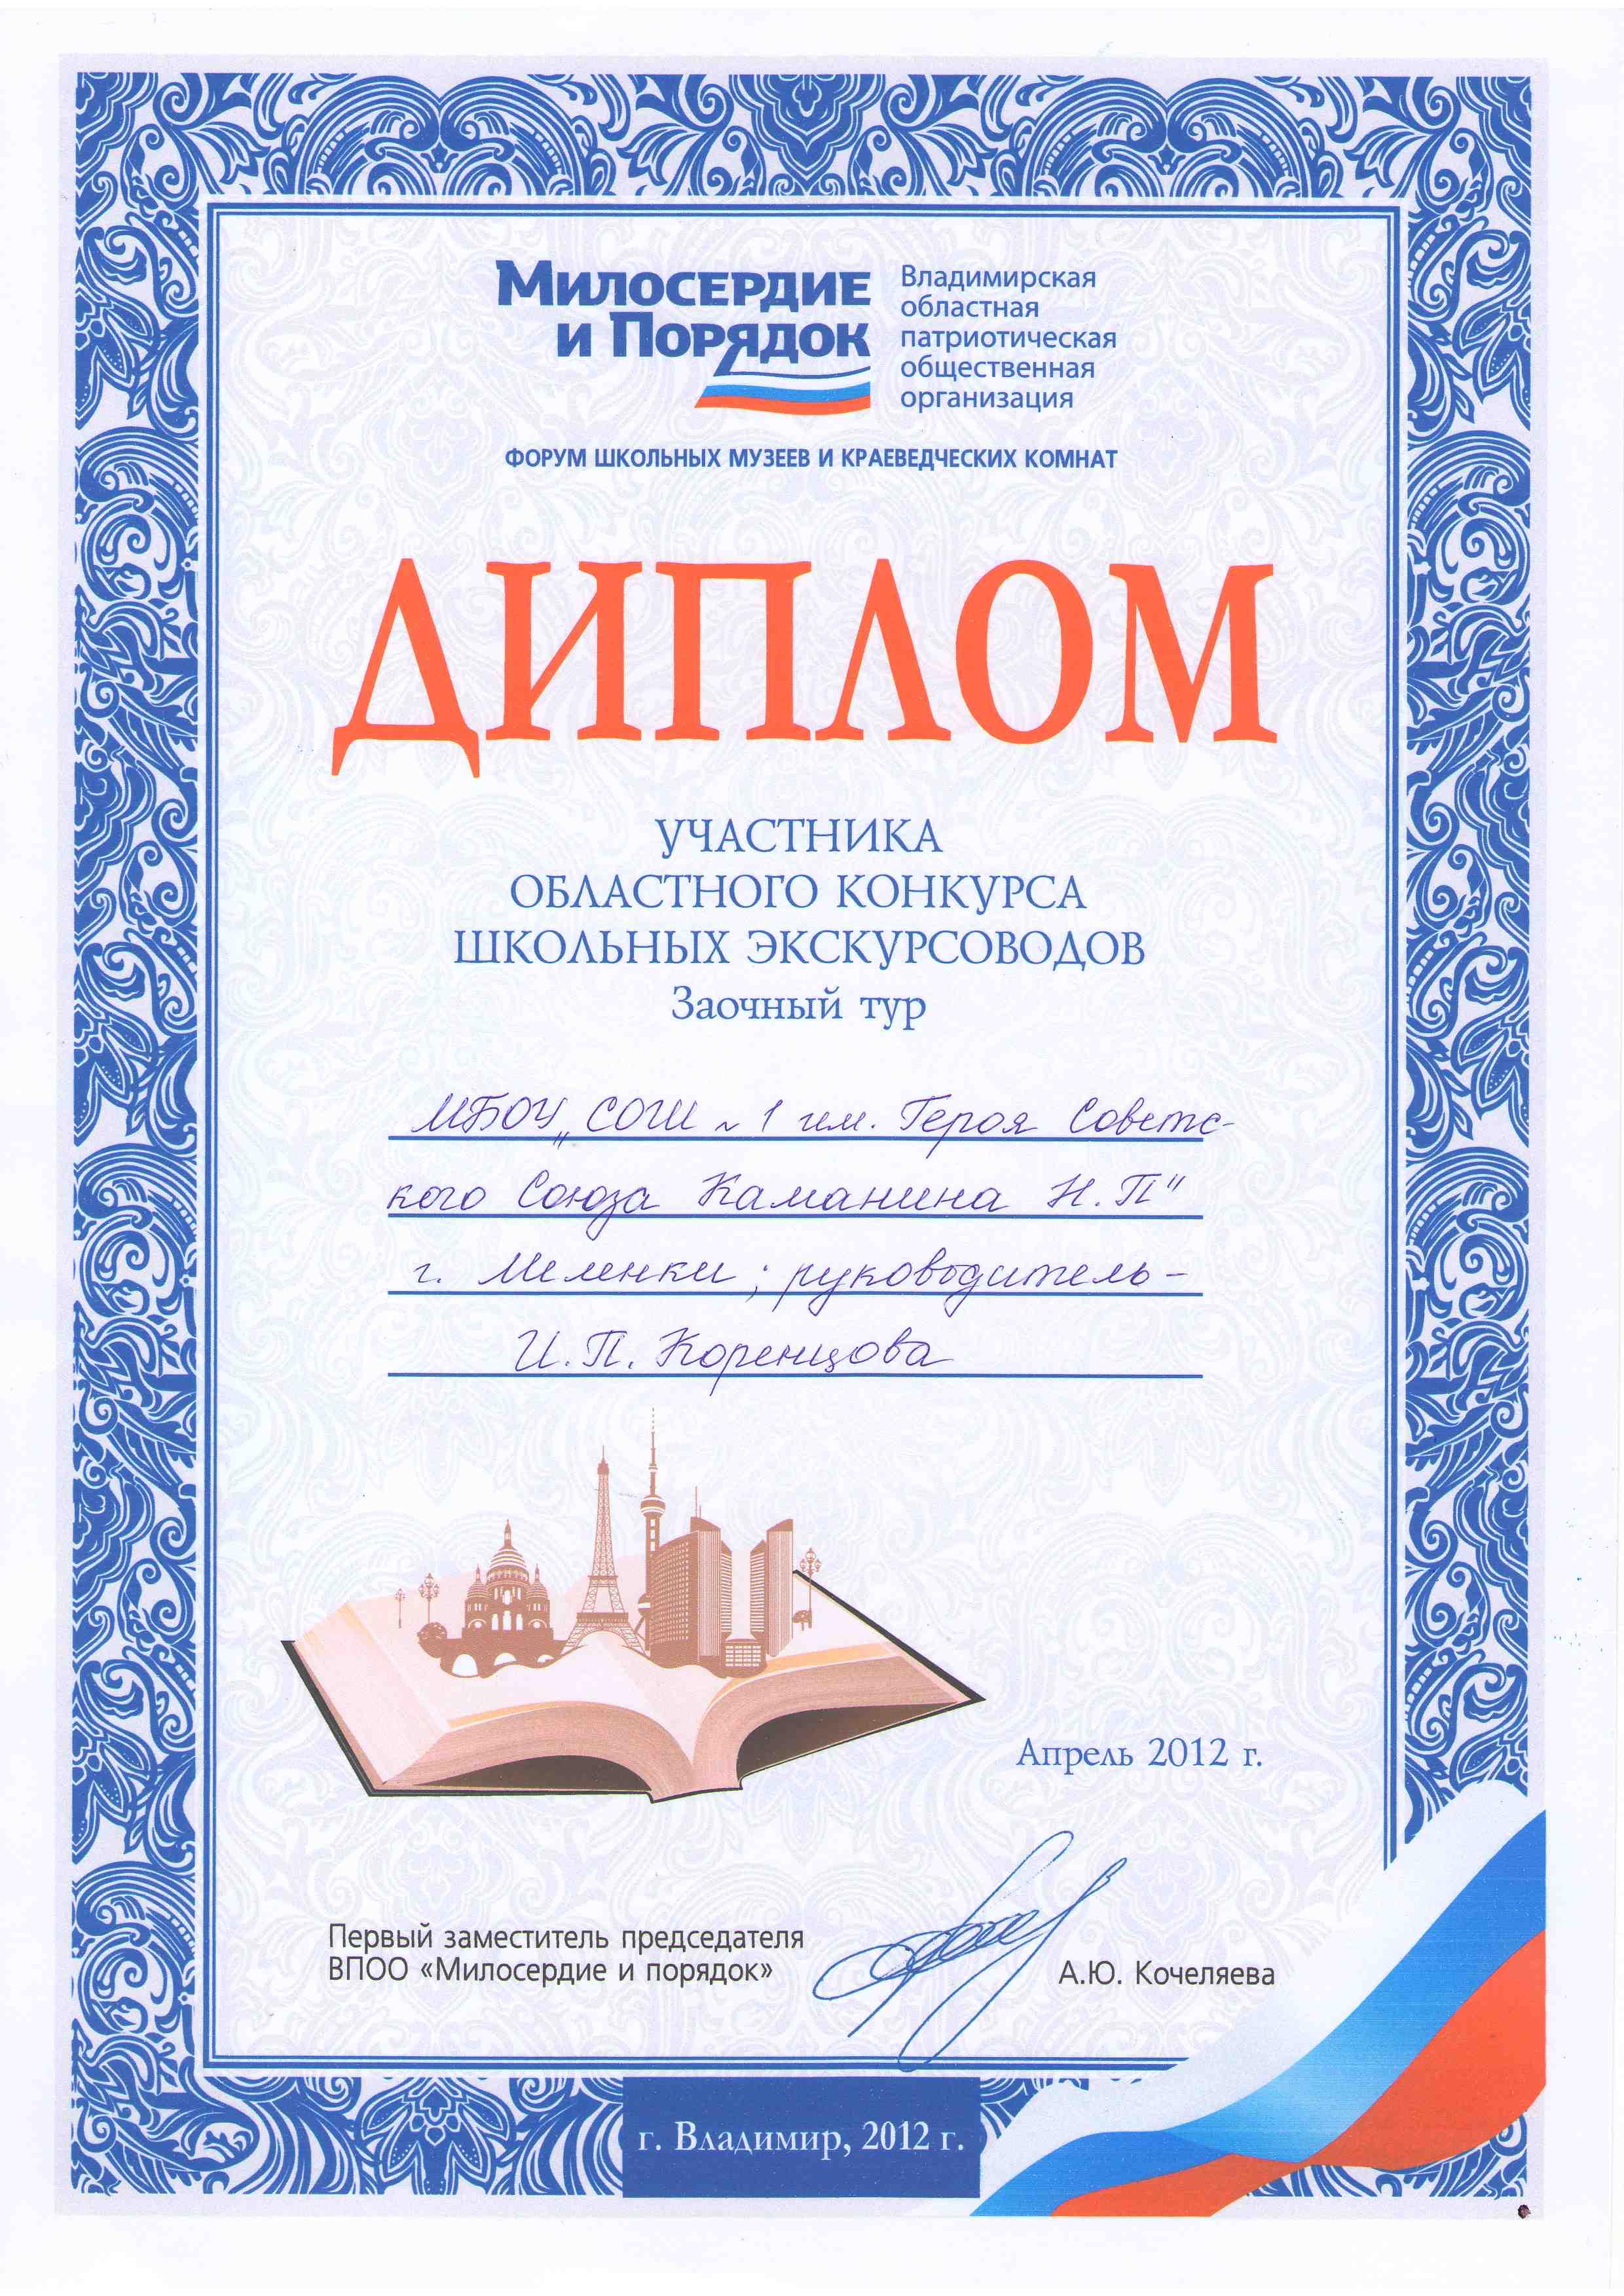 Диплом школьного конкурса